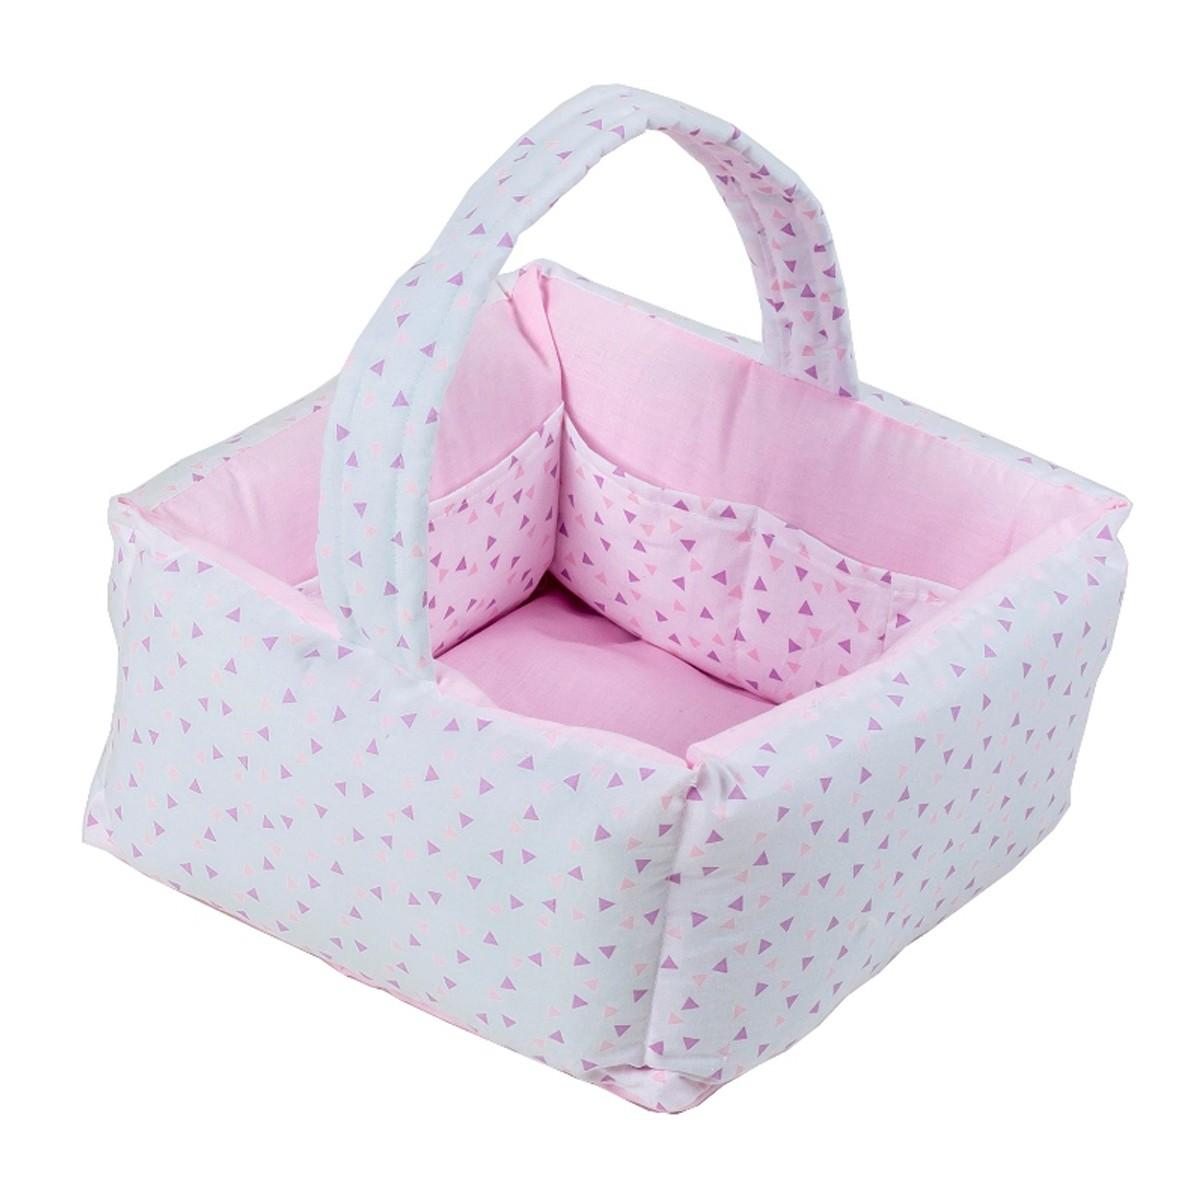 Καλαθάκι Καλλυντικών Κόσμος Του Μωρού Home 0794 Ροζ 74740